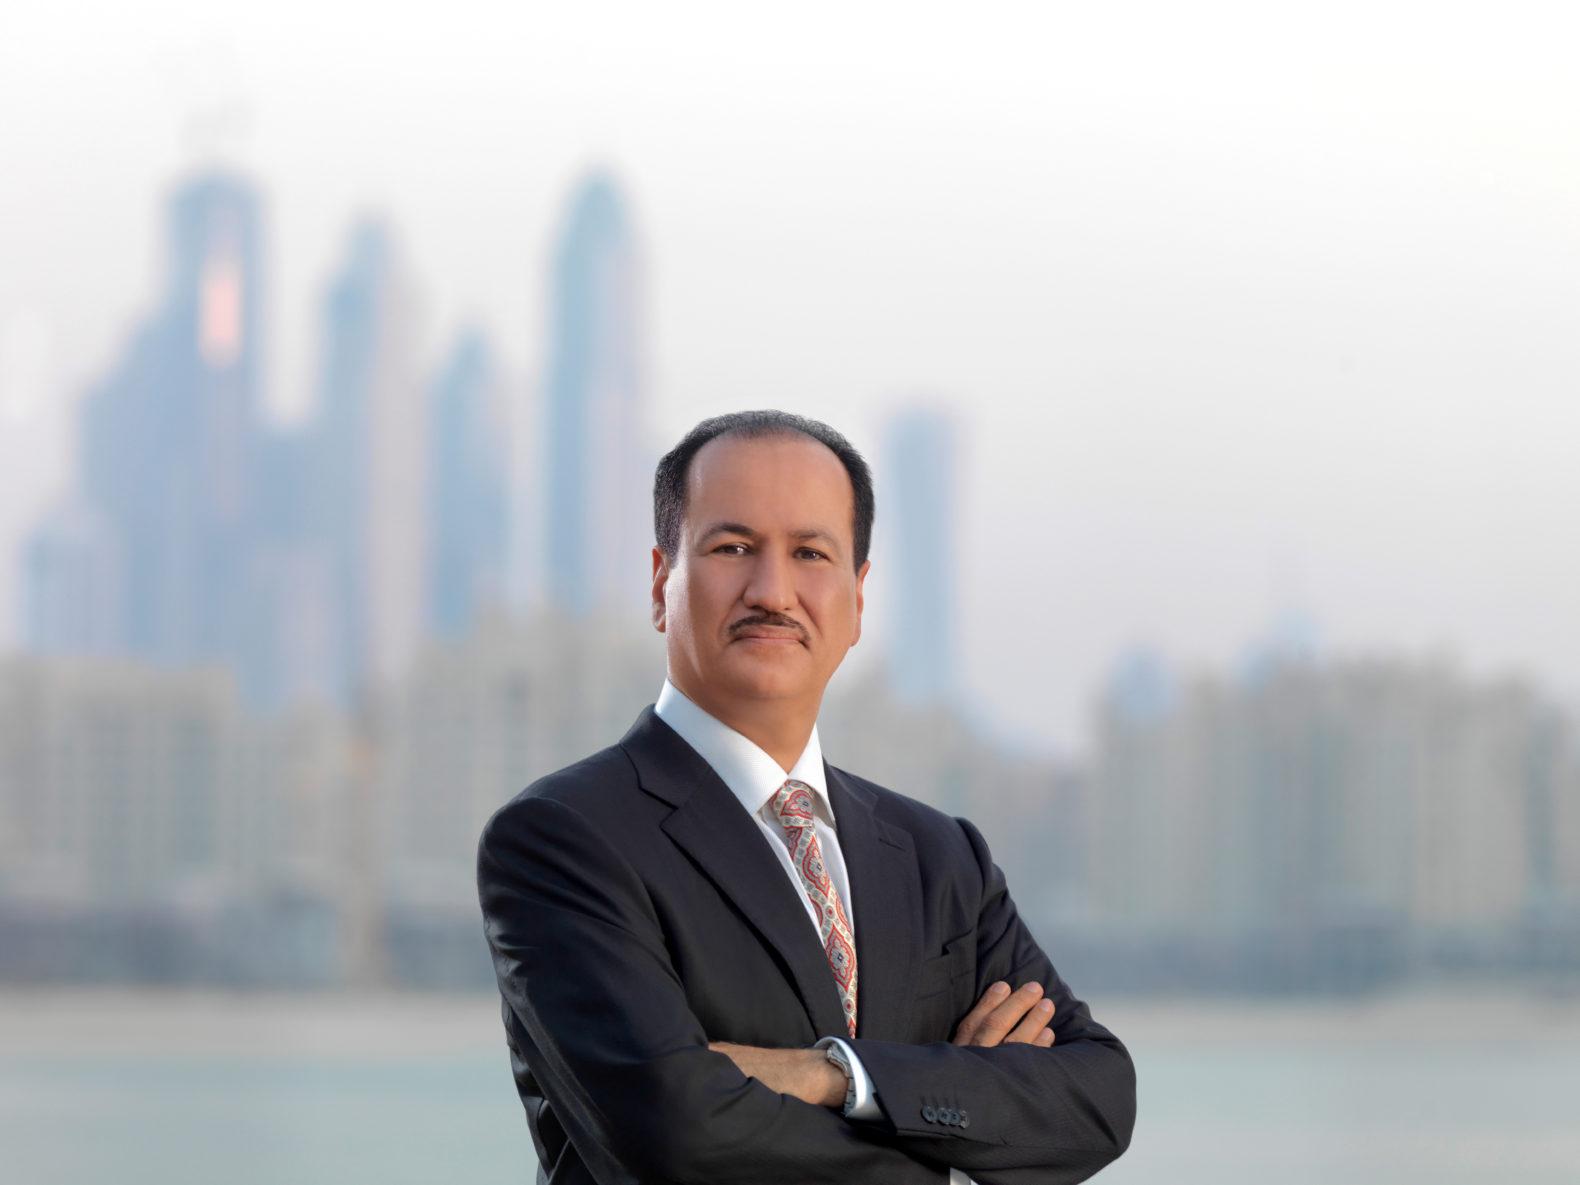 Hussain Sajwani Damac Owner